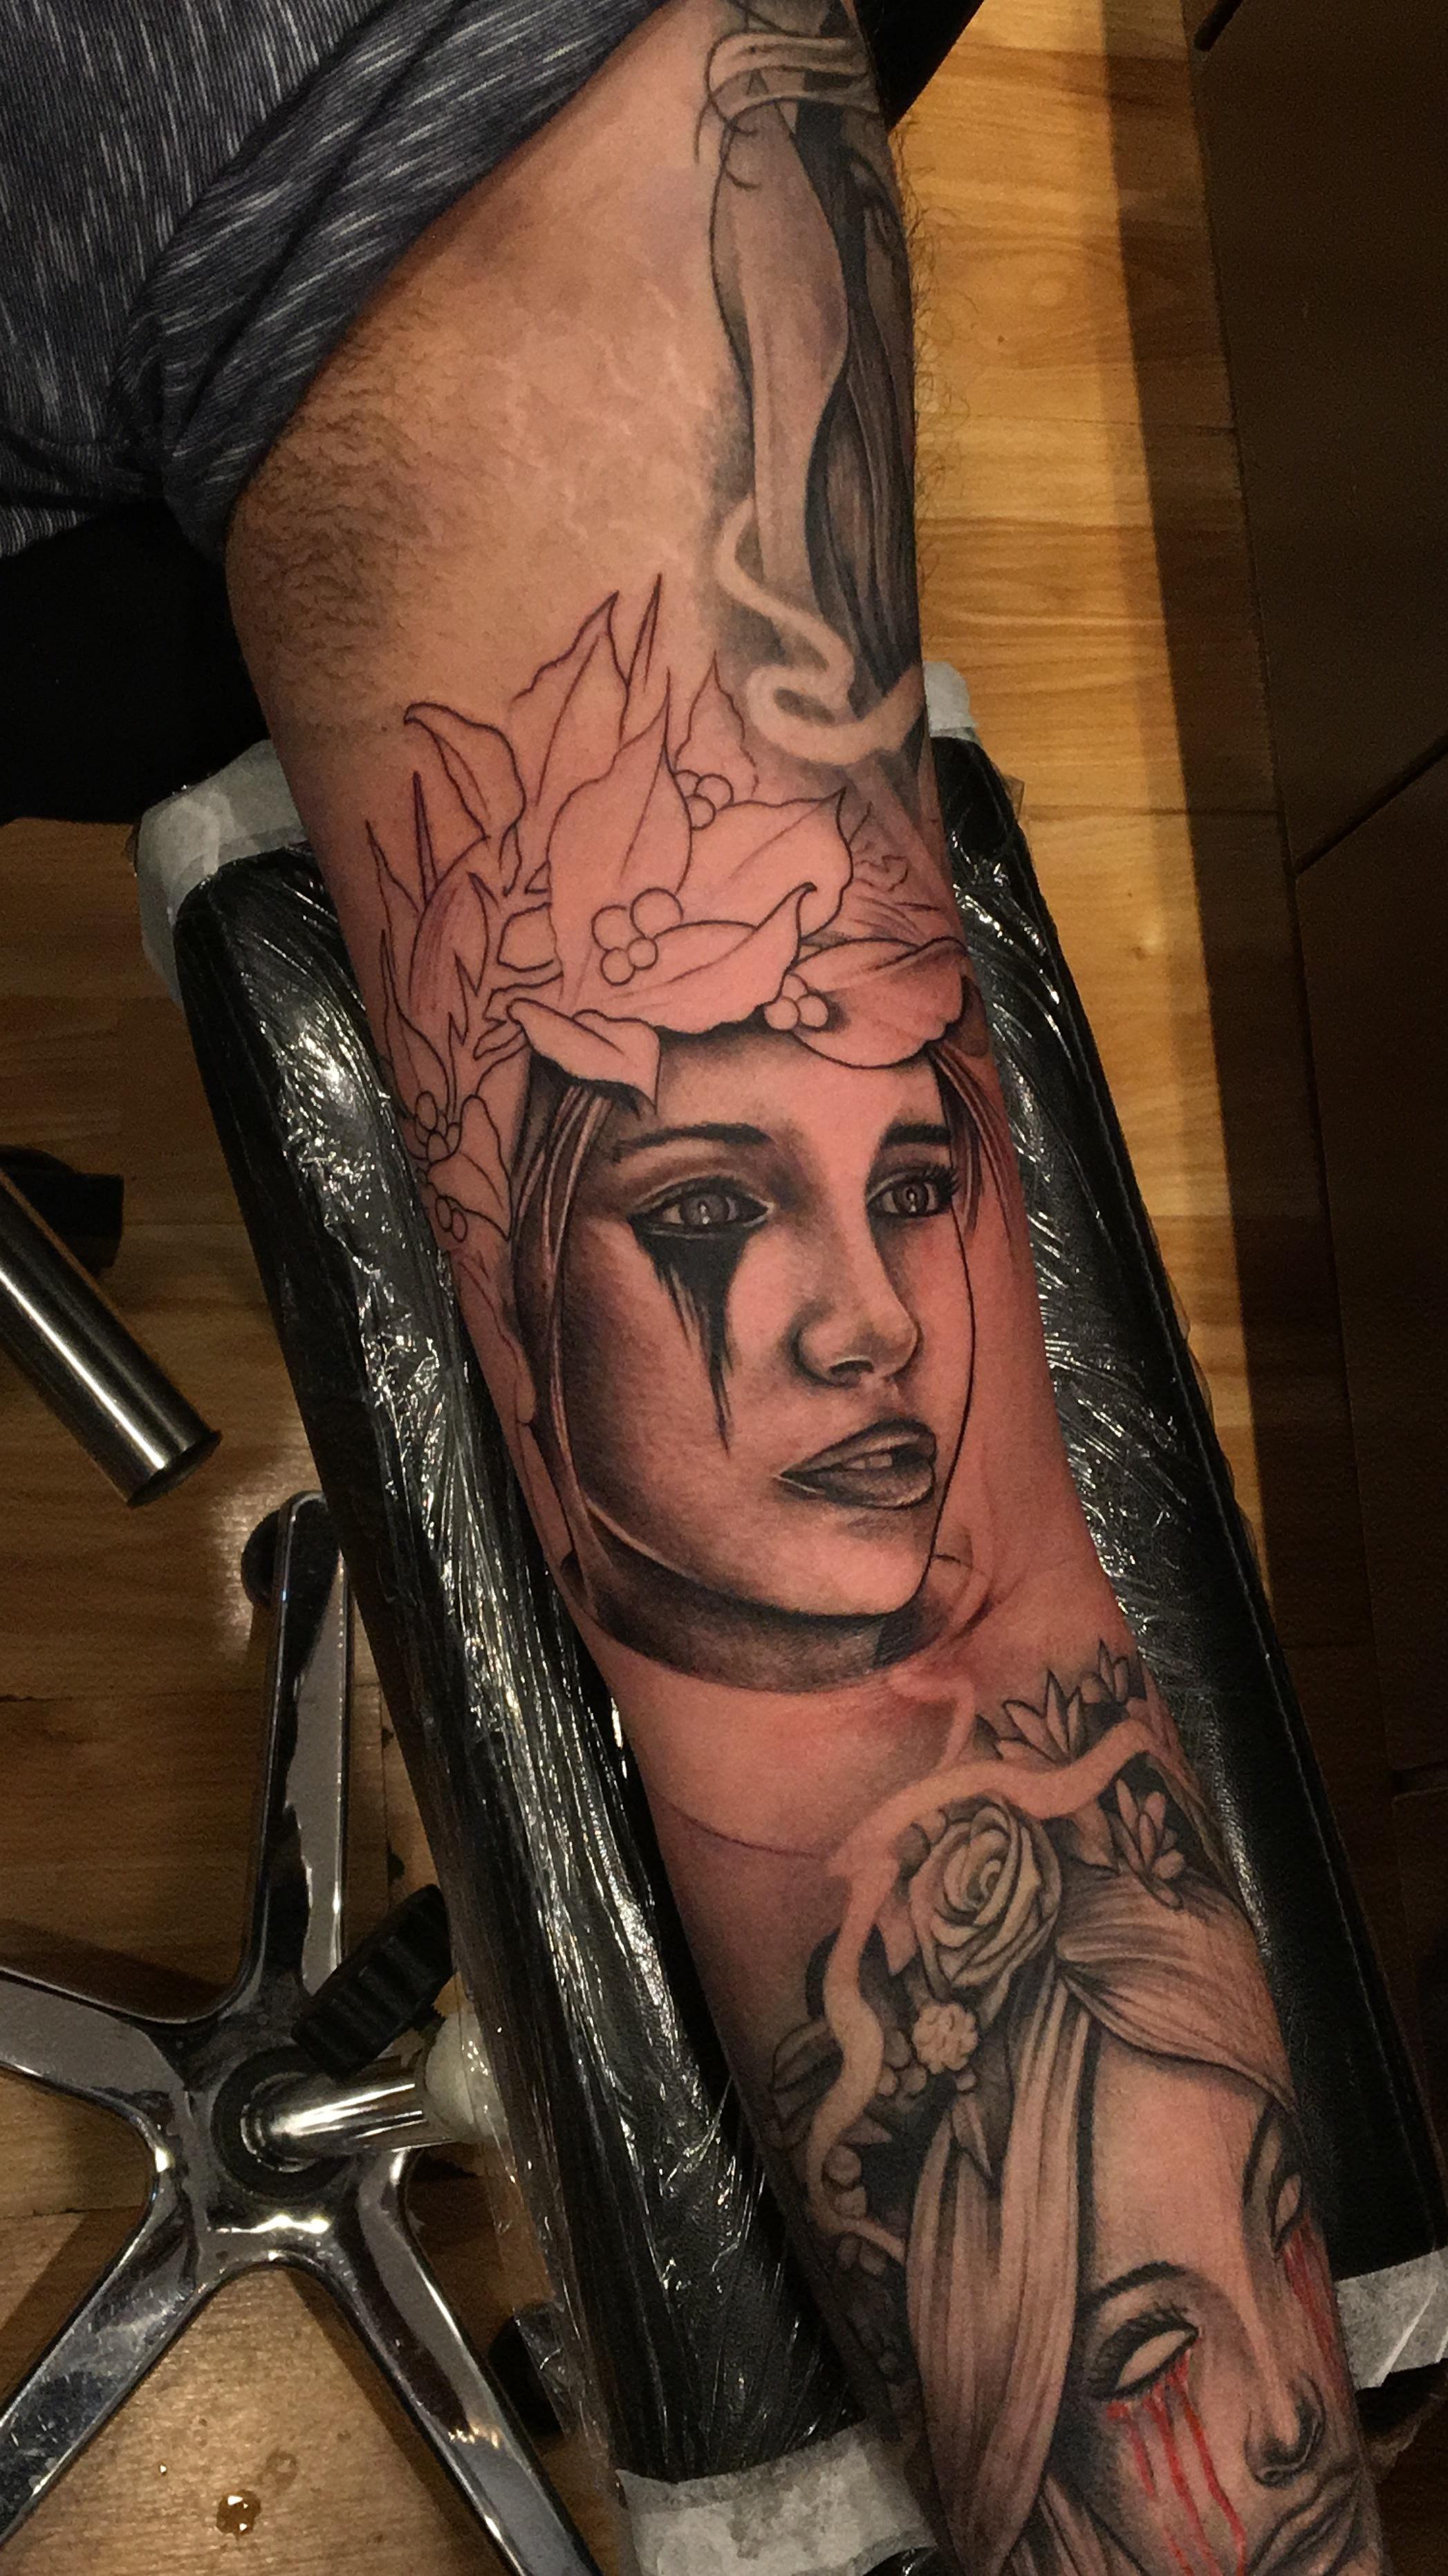 tattoo-realistic-girl.JPG